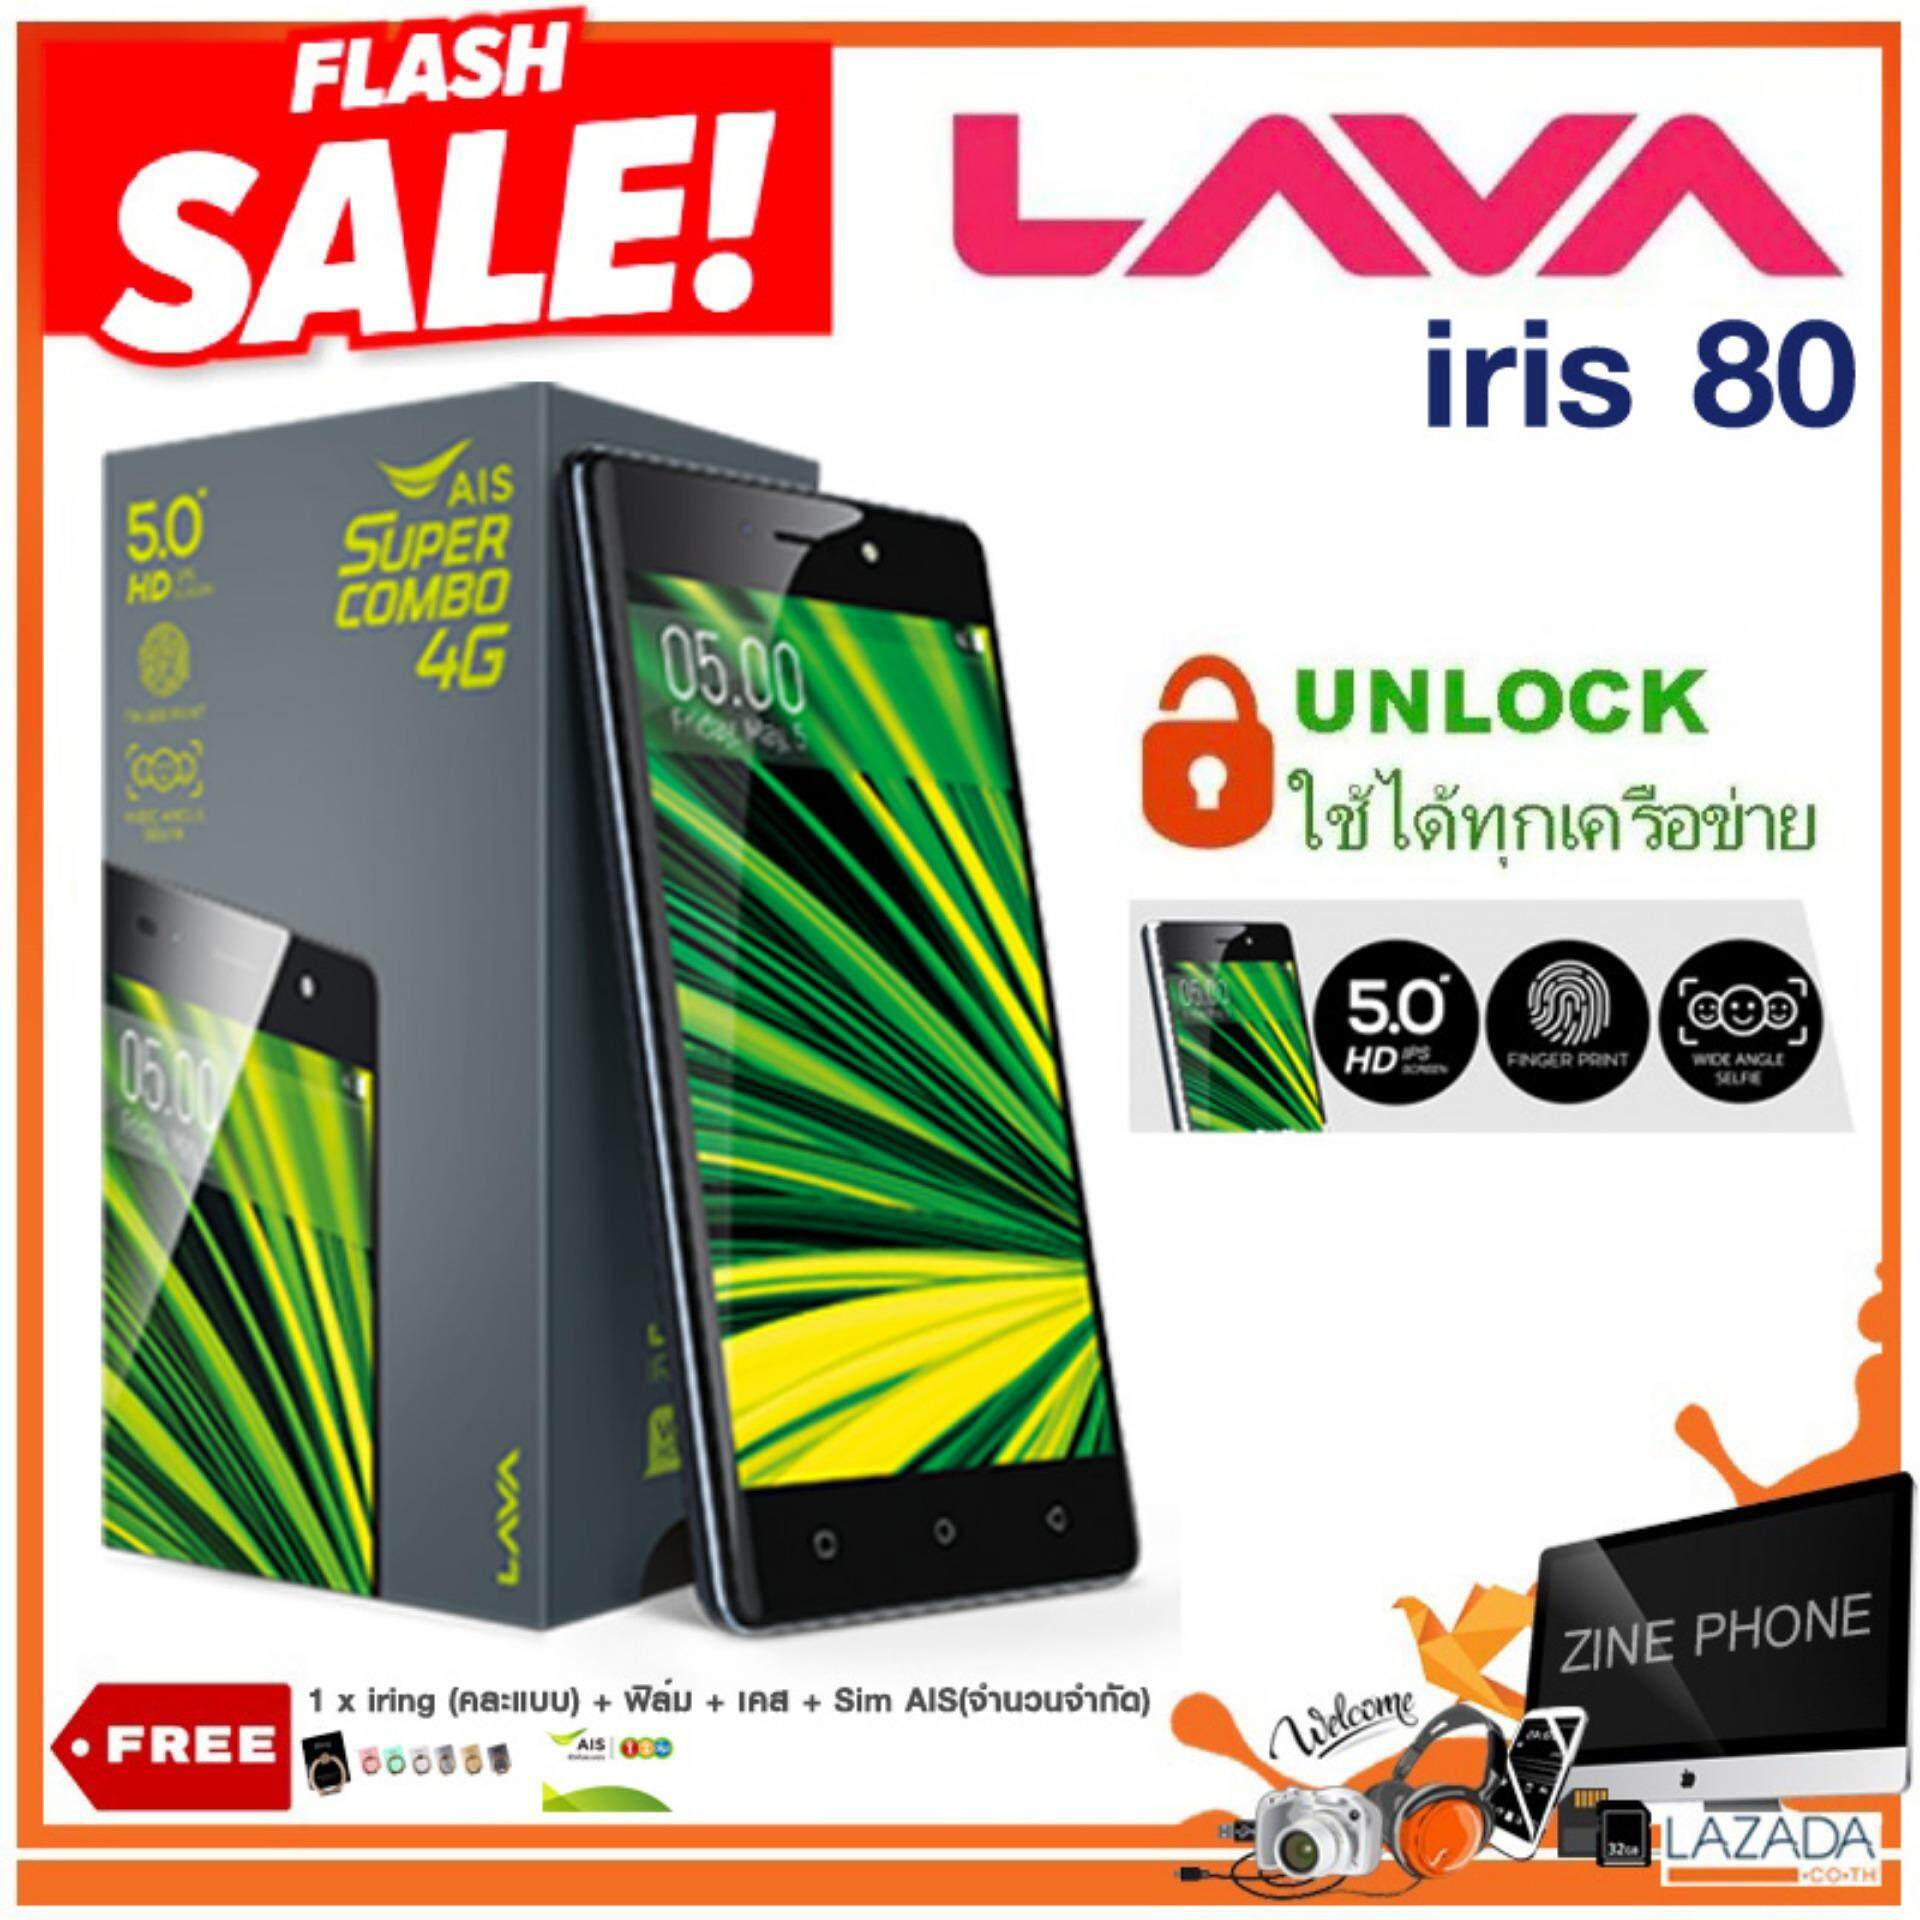 ส่วนลด มือถือ Ais Lava Iris 80 4G จอ Hd 5 นิ้ว Unlock ใช้ได้ทุกเครือข่าย สแกนลายนิ้วมือได้ สีดำ ใช้ได้ 2 Sim มือถือราคาถูก By Zine Phone สั่งปุ๊ป แพคปั๊บ ใส่ใจคุณภาพ Ais Lava Thailand